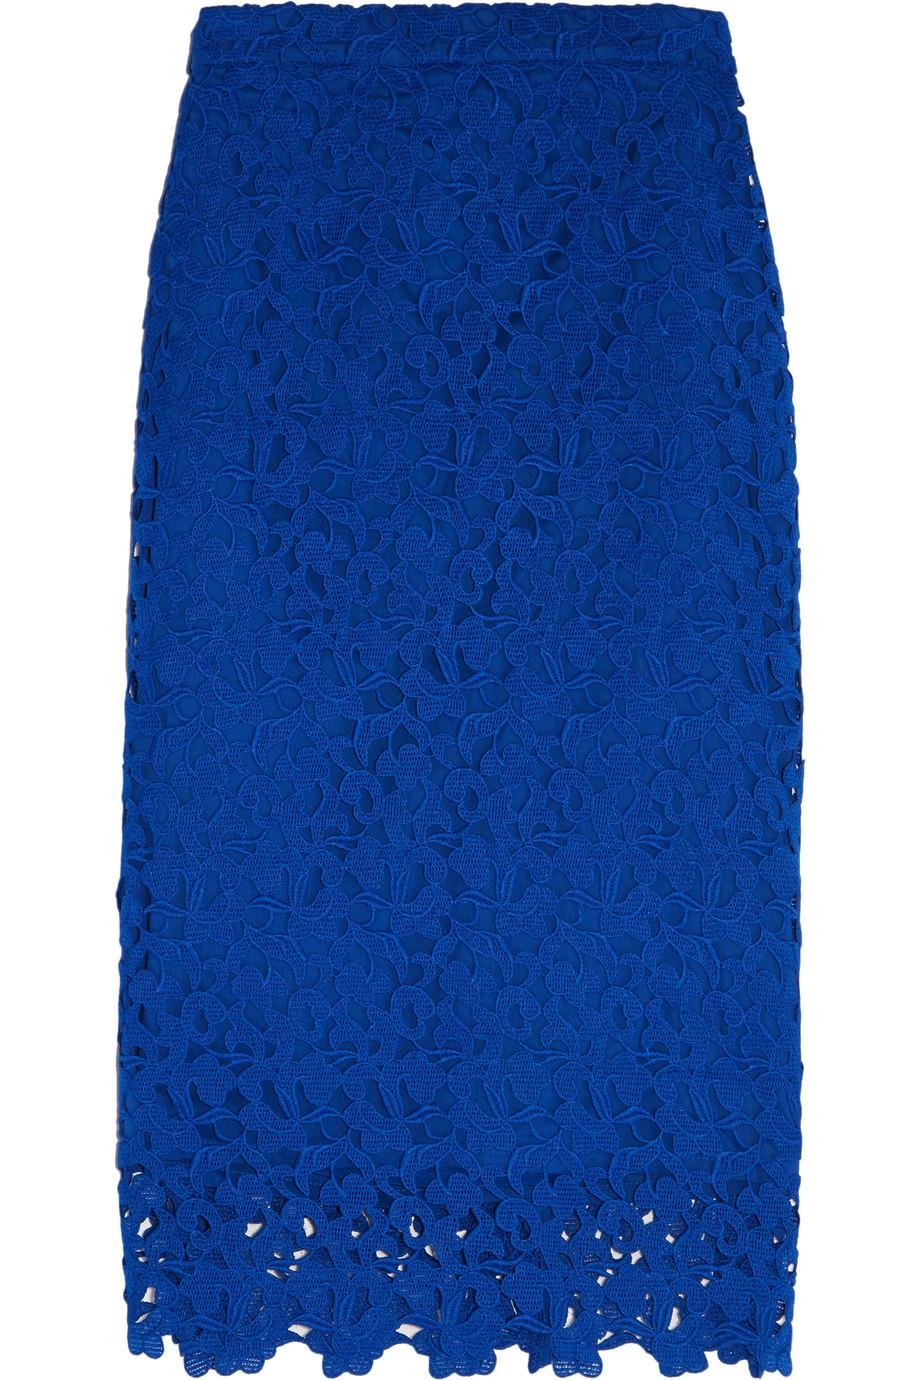 J.Crew Collection Liola Guipure Lace Pencil Skirt, Blue, Women's, Size: 0